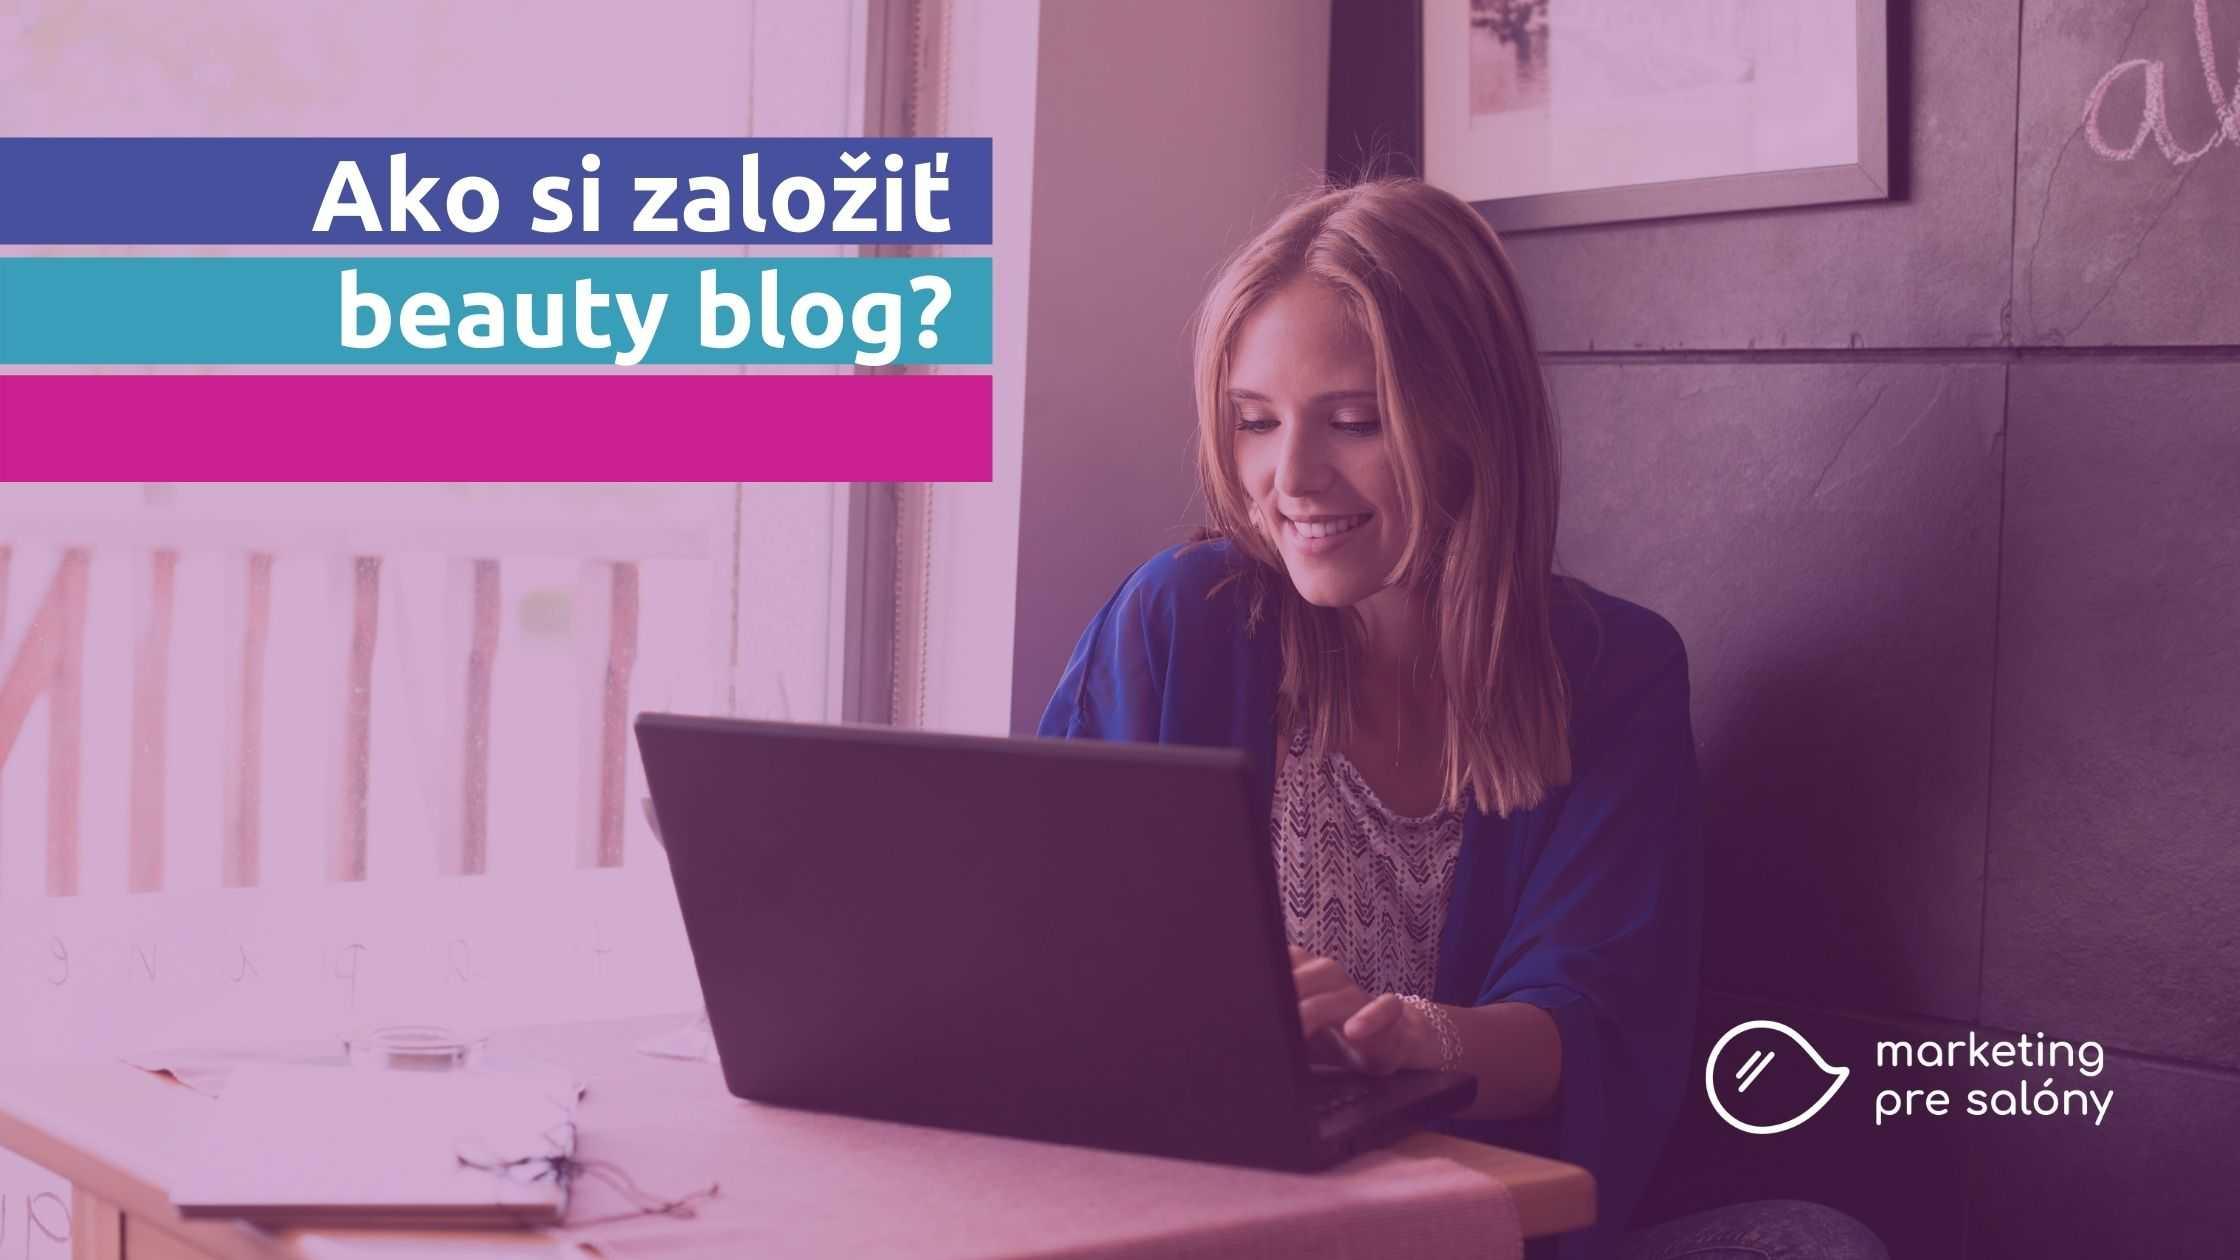 Obrázok: Ako si založiť beauty blog